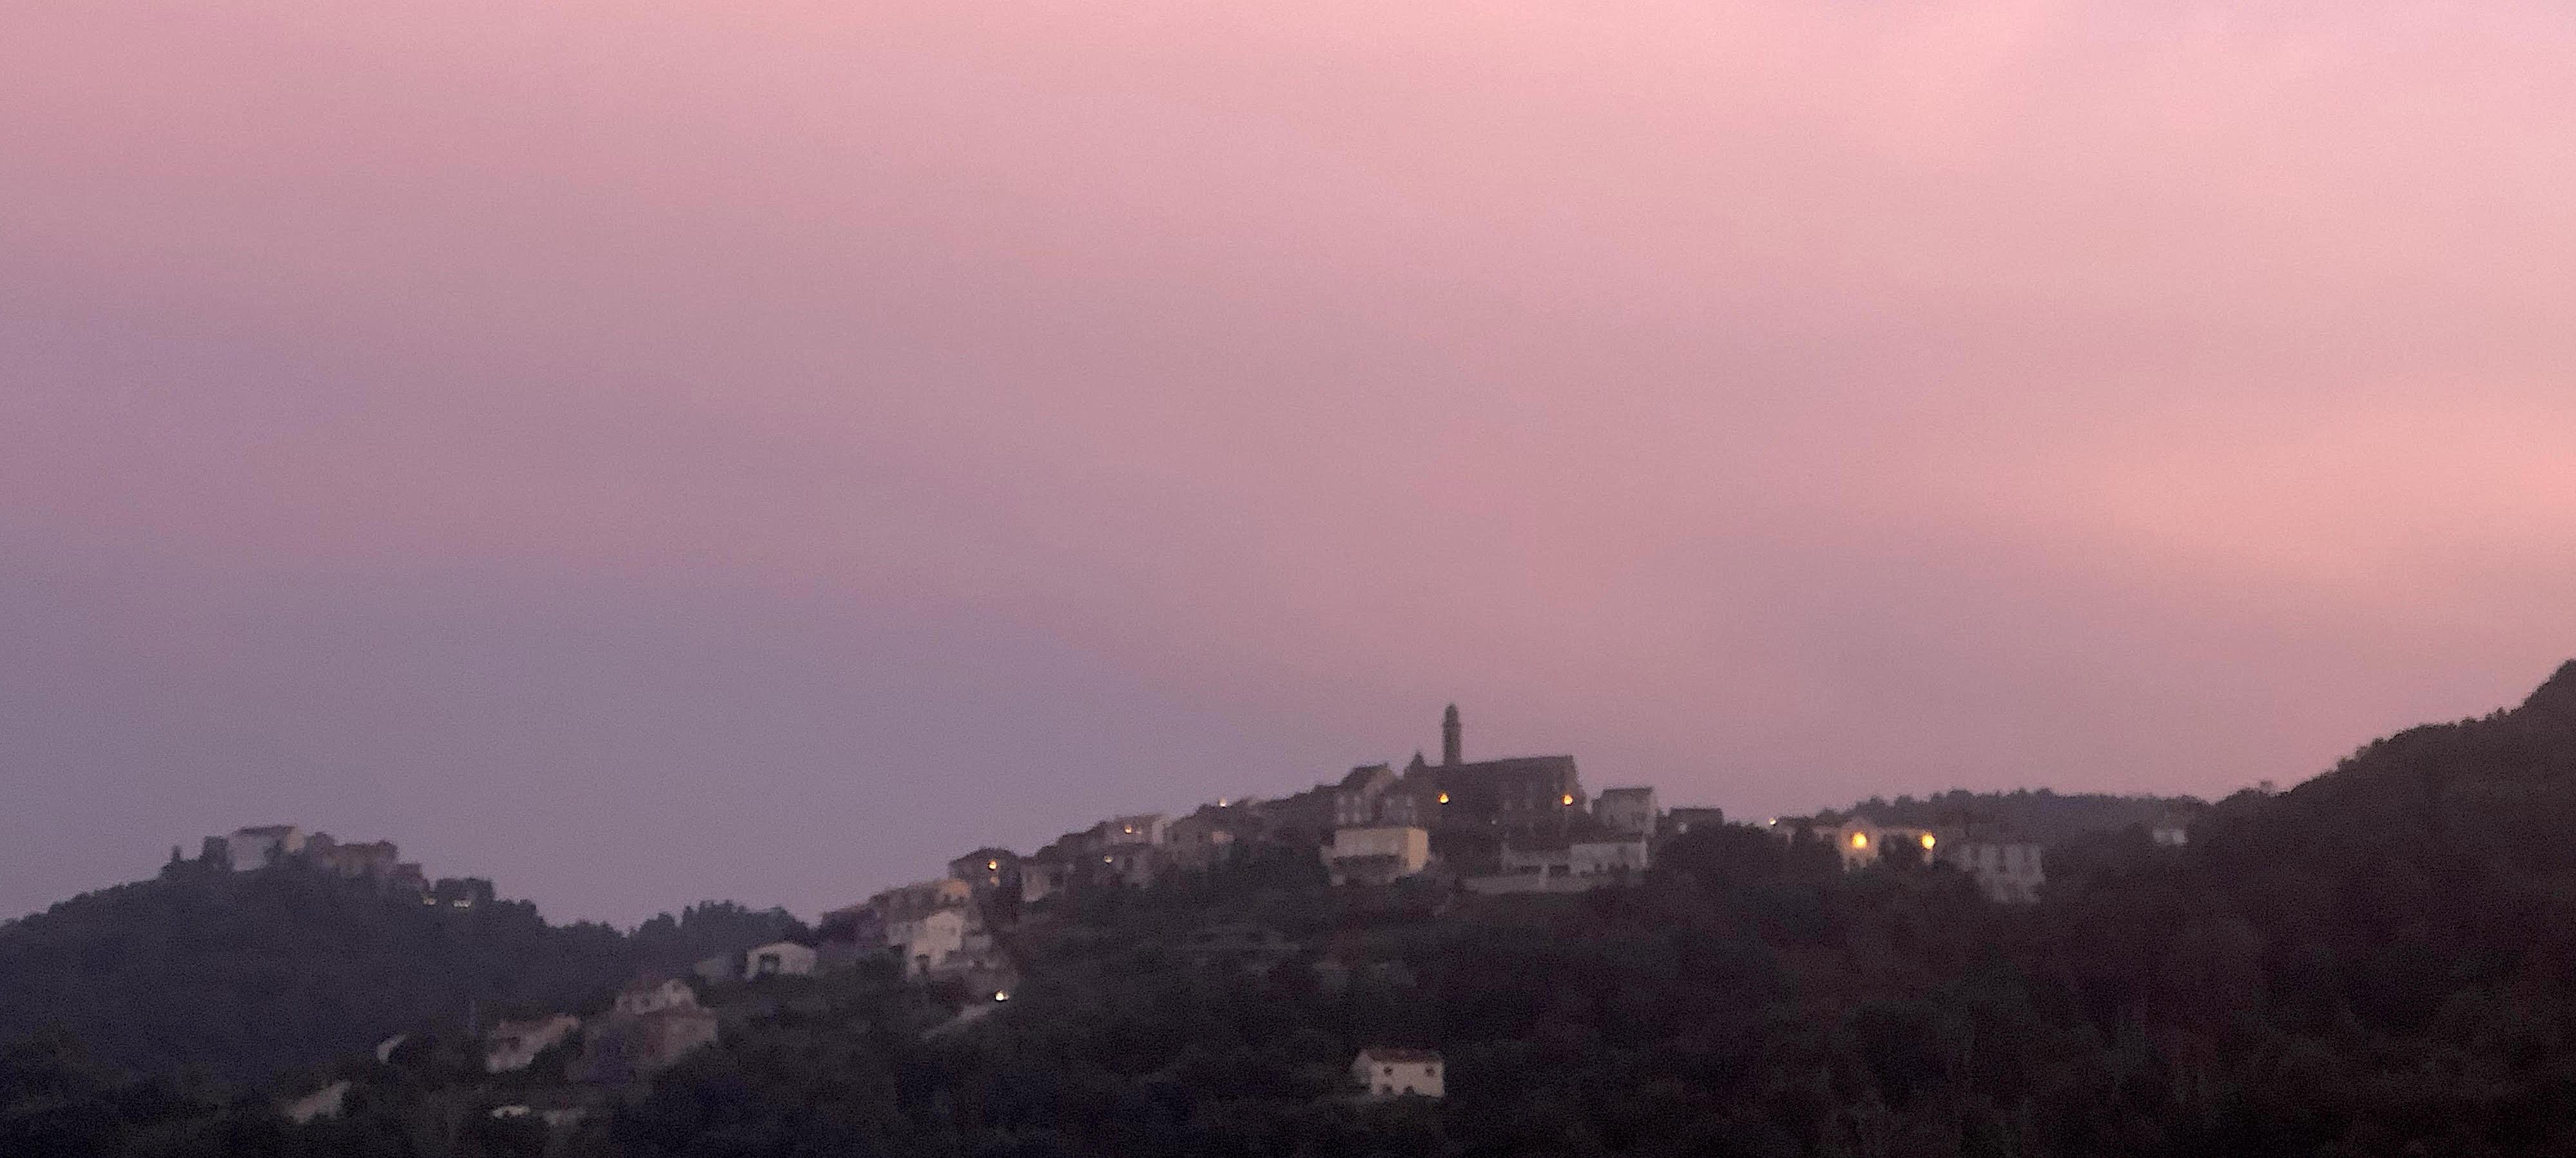 Sorbo-Occagnano (Marie-Dominique Baccelli)